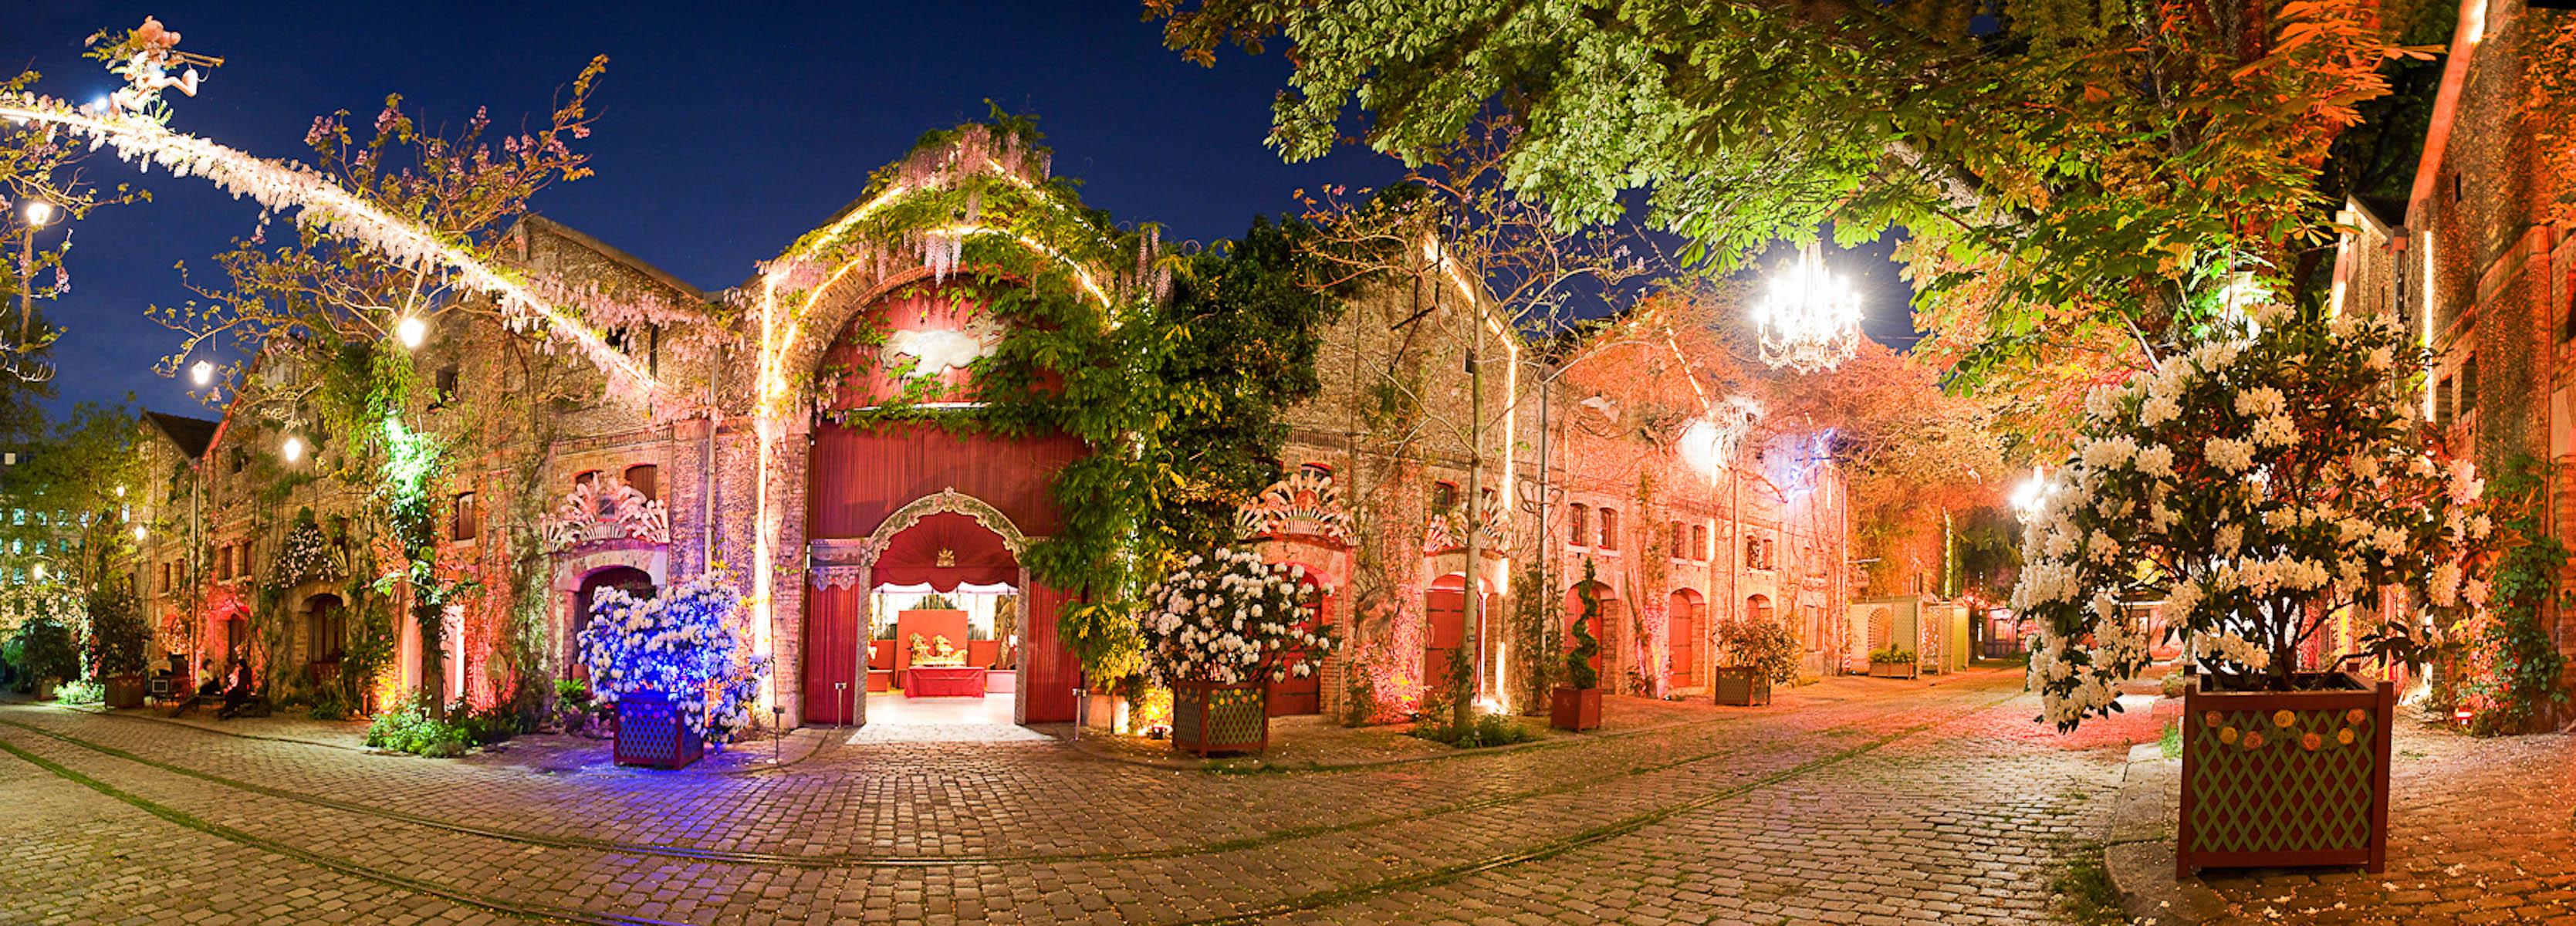 Les Pavillons de Bercy